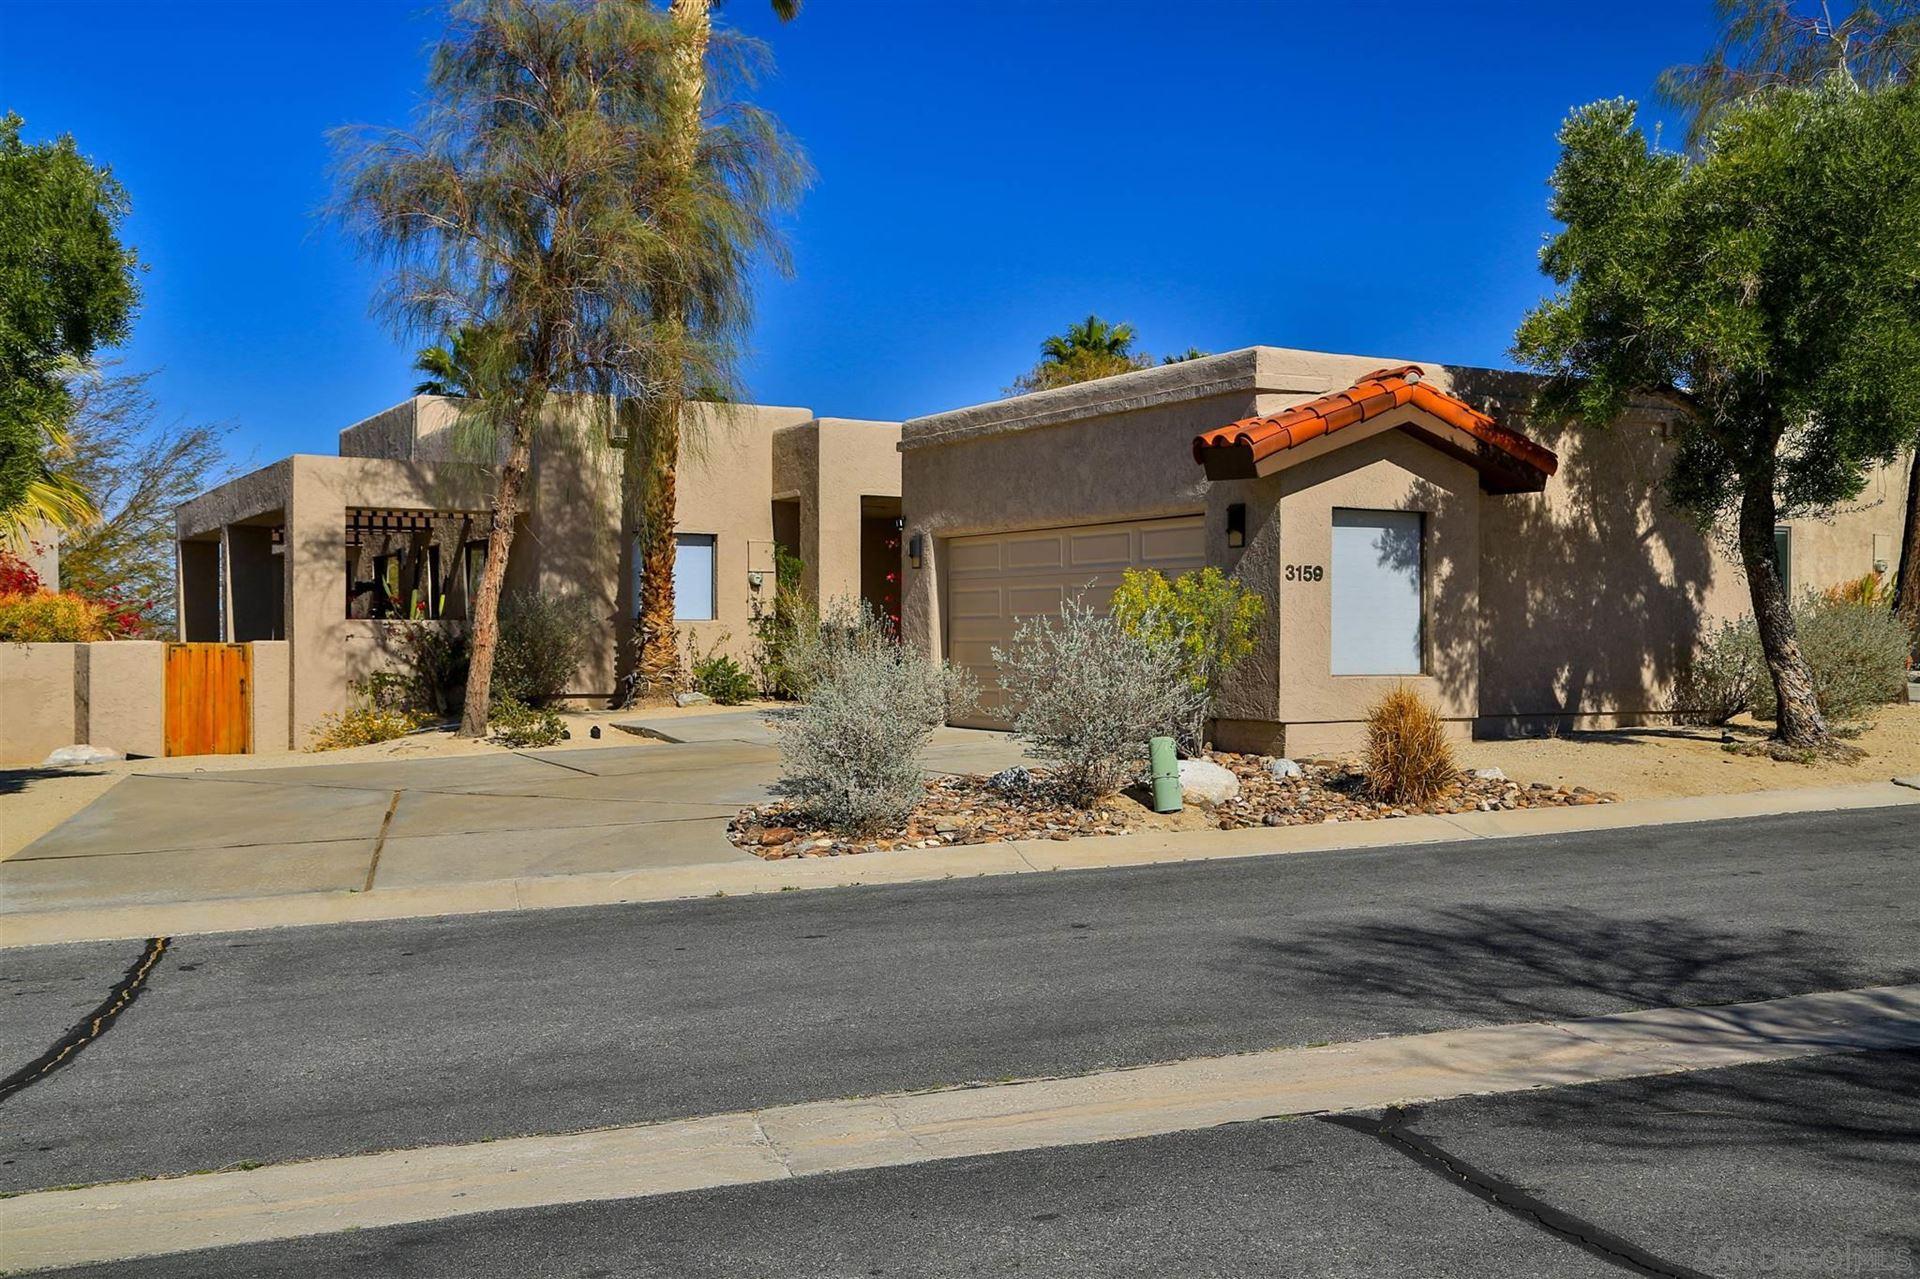 Photo of 3159 Roadrunner Dr S, Borrego Springs, CA 92004 (MLS # 210007262)